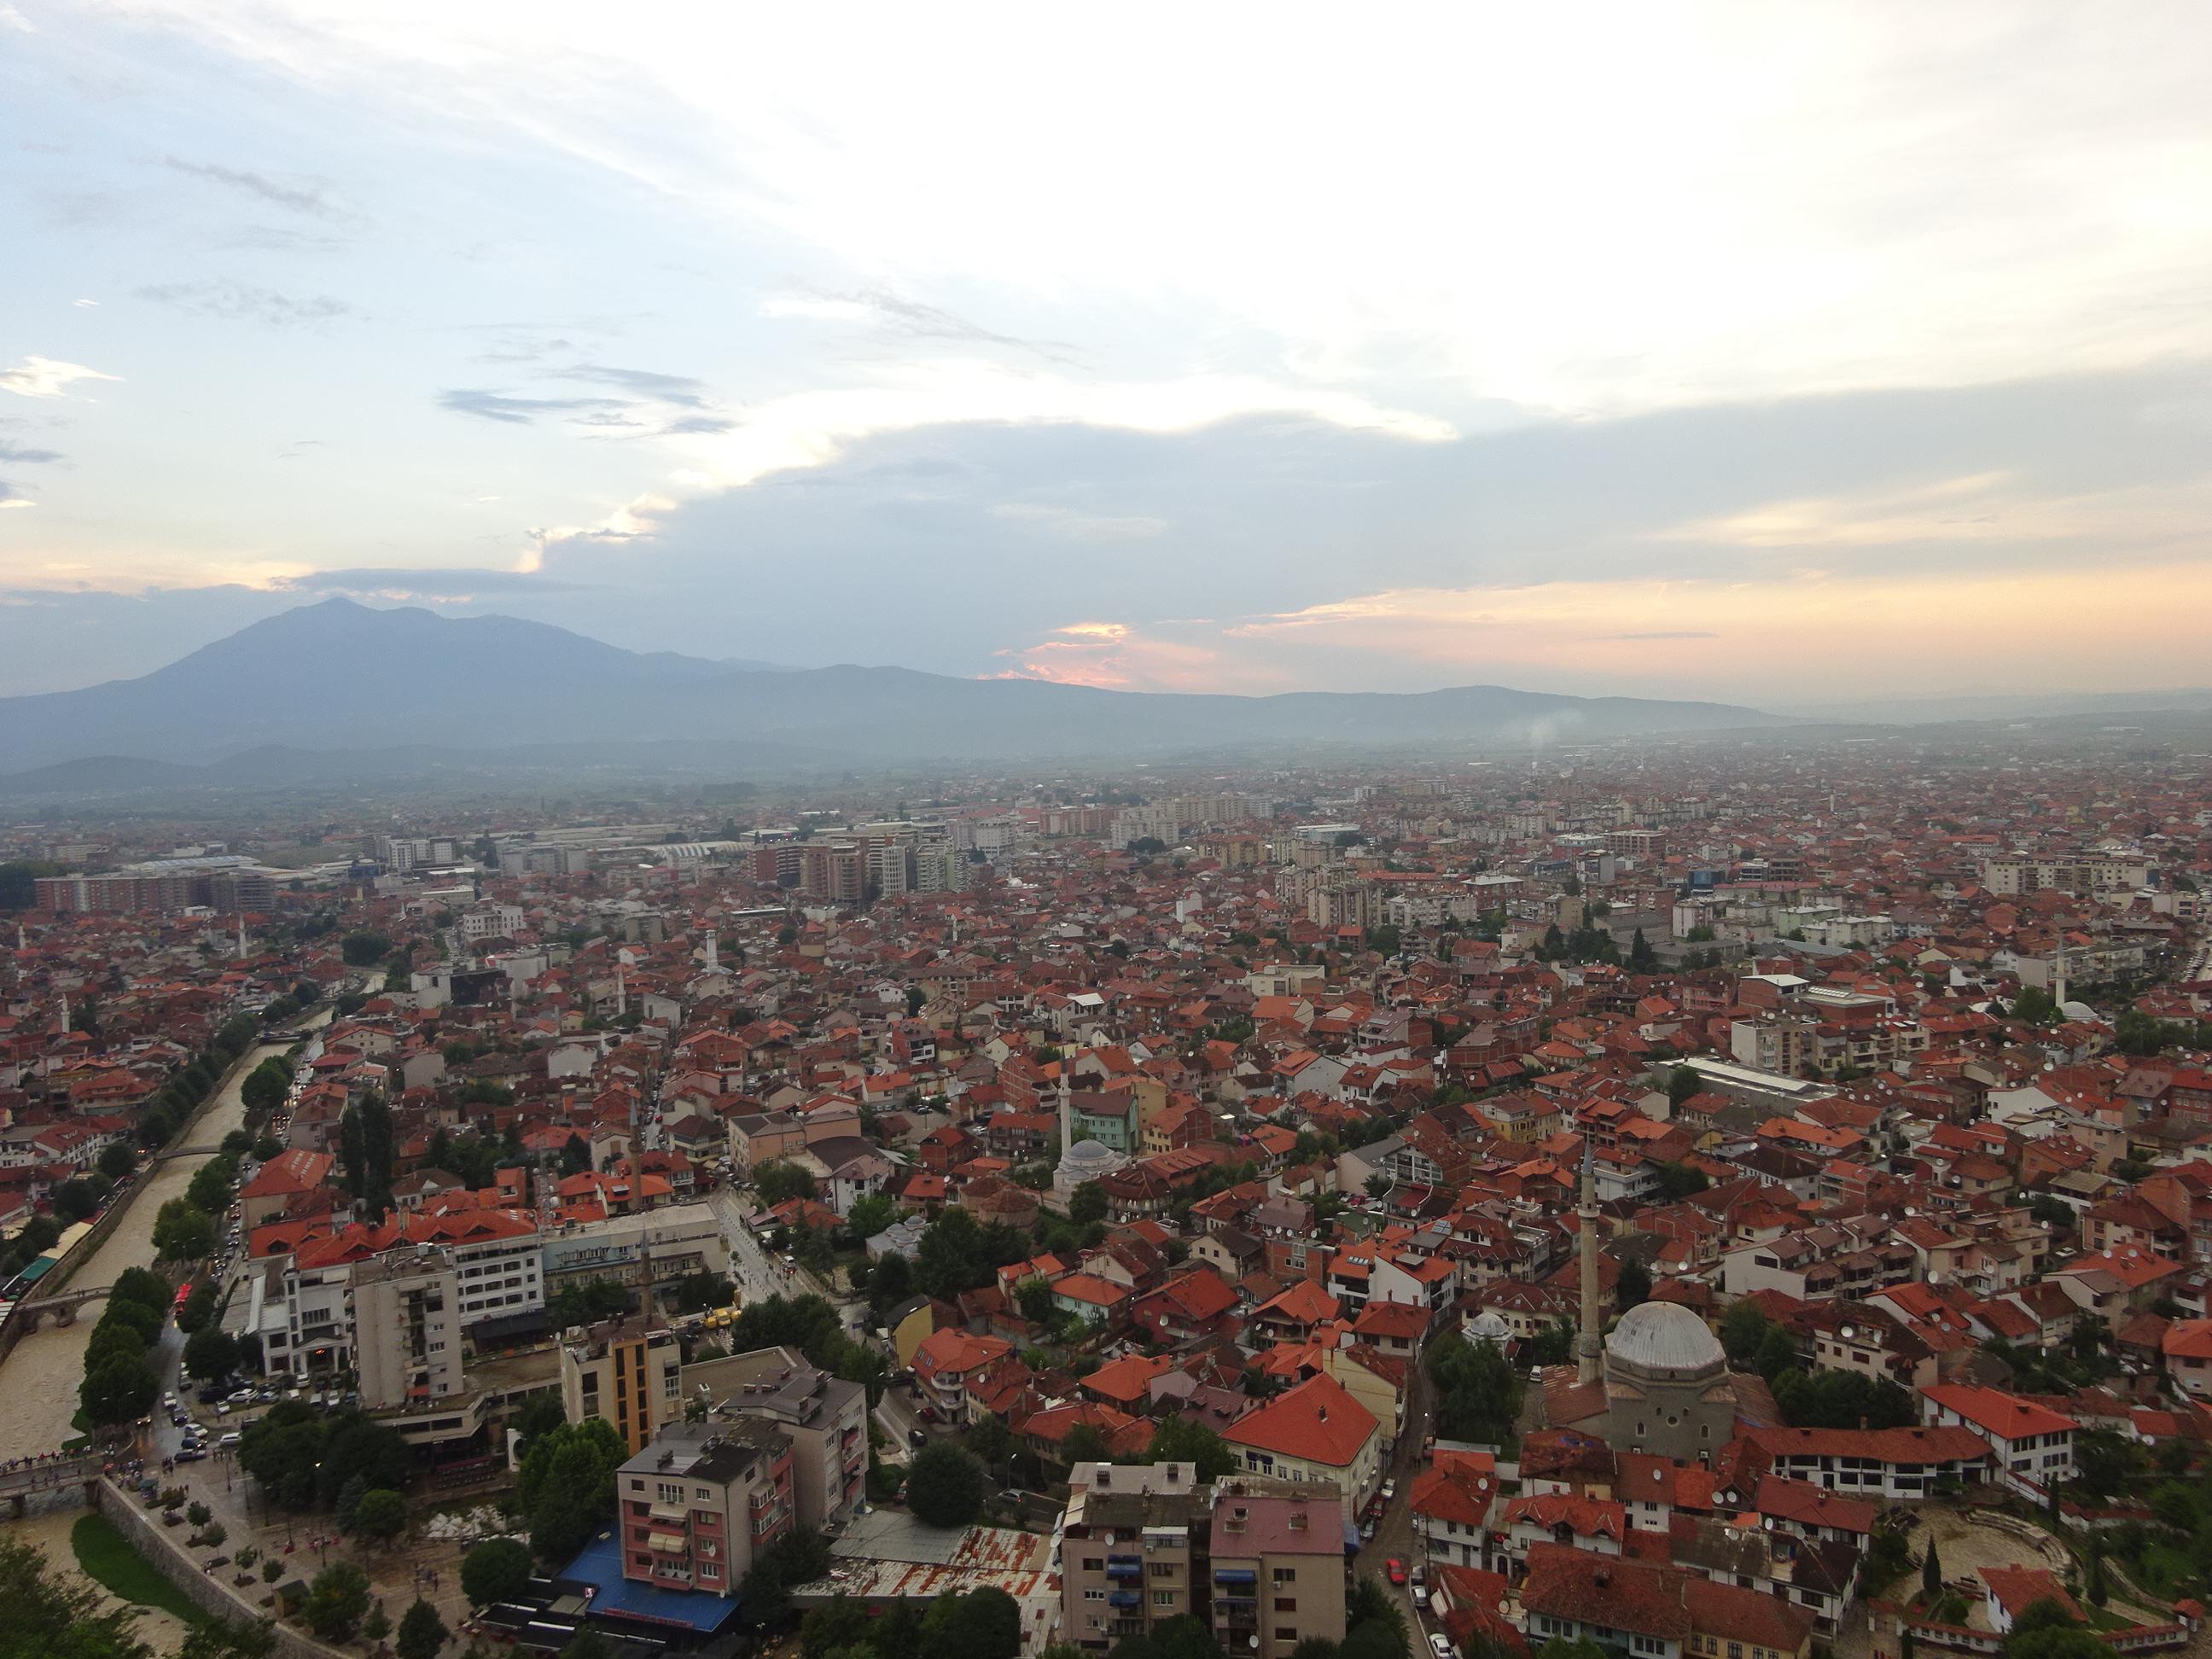 プリズレンの観光「プリズレン要塞」からの眺め